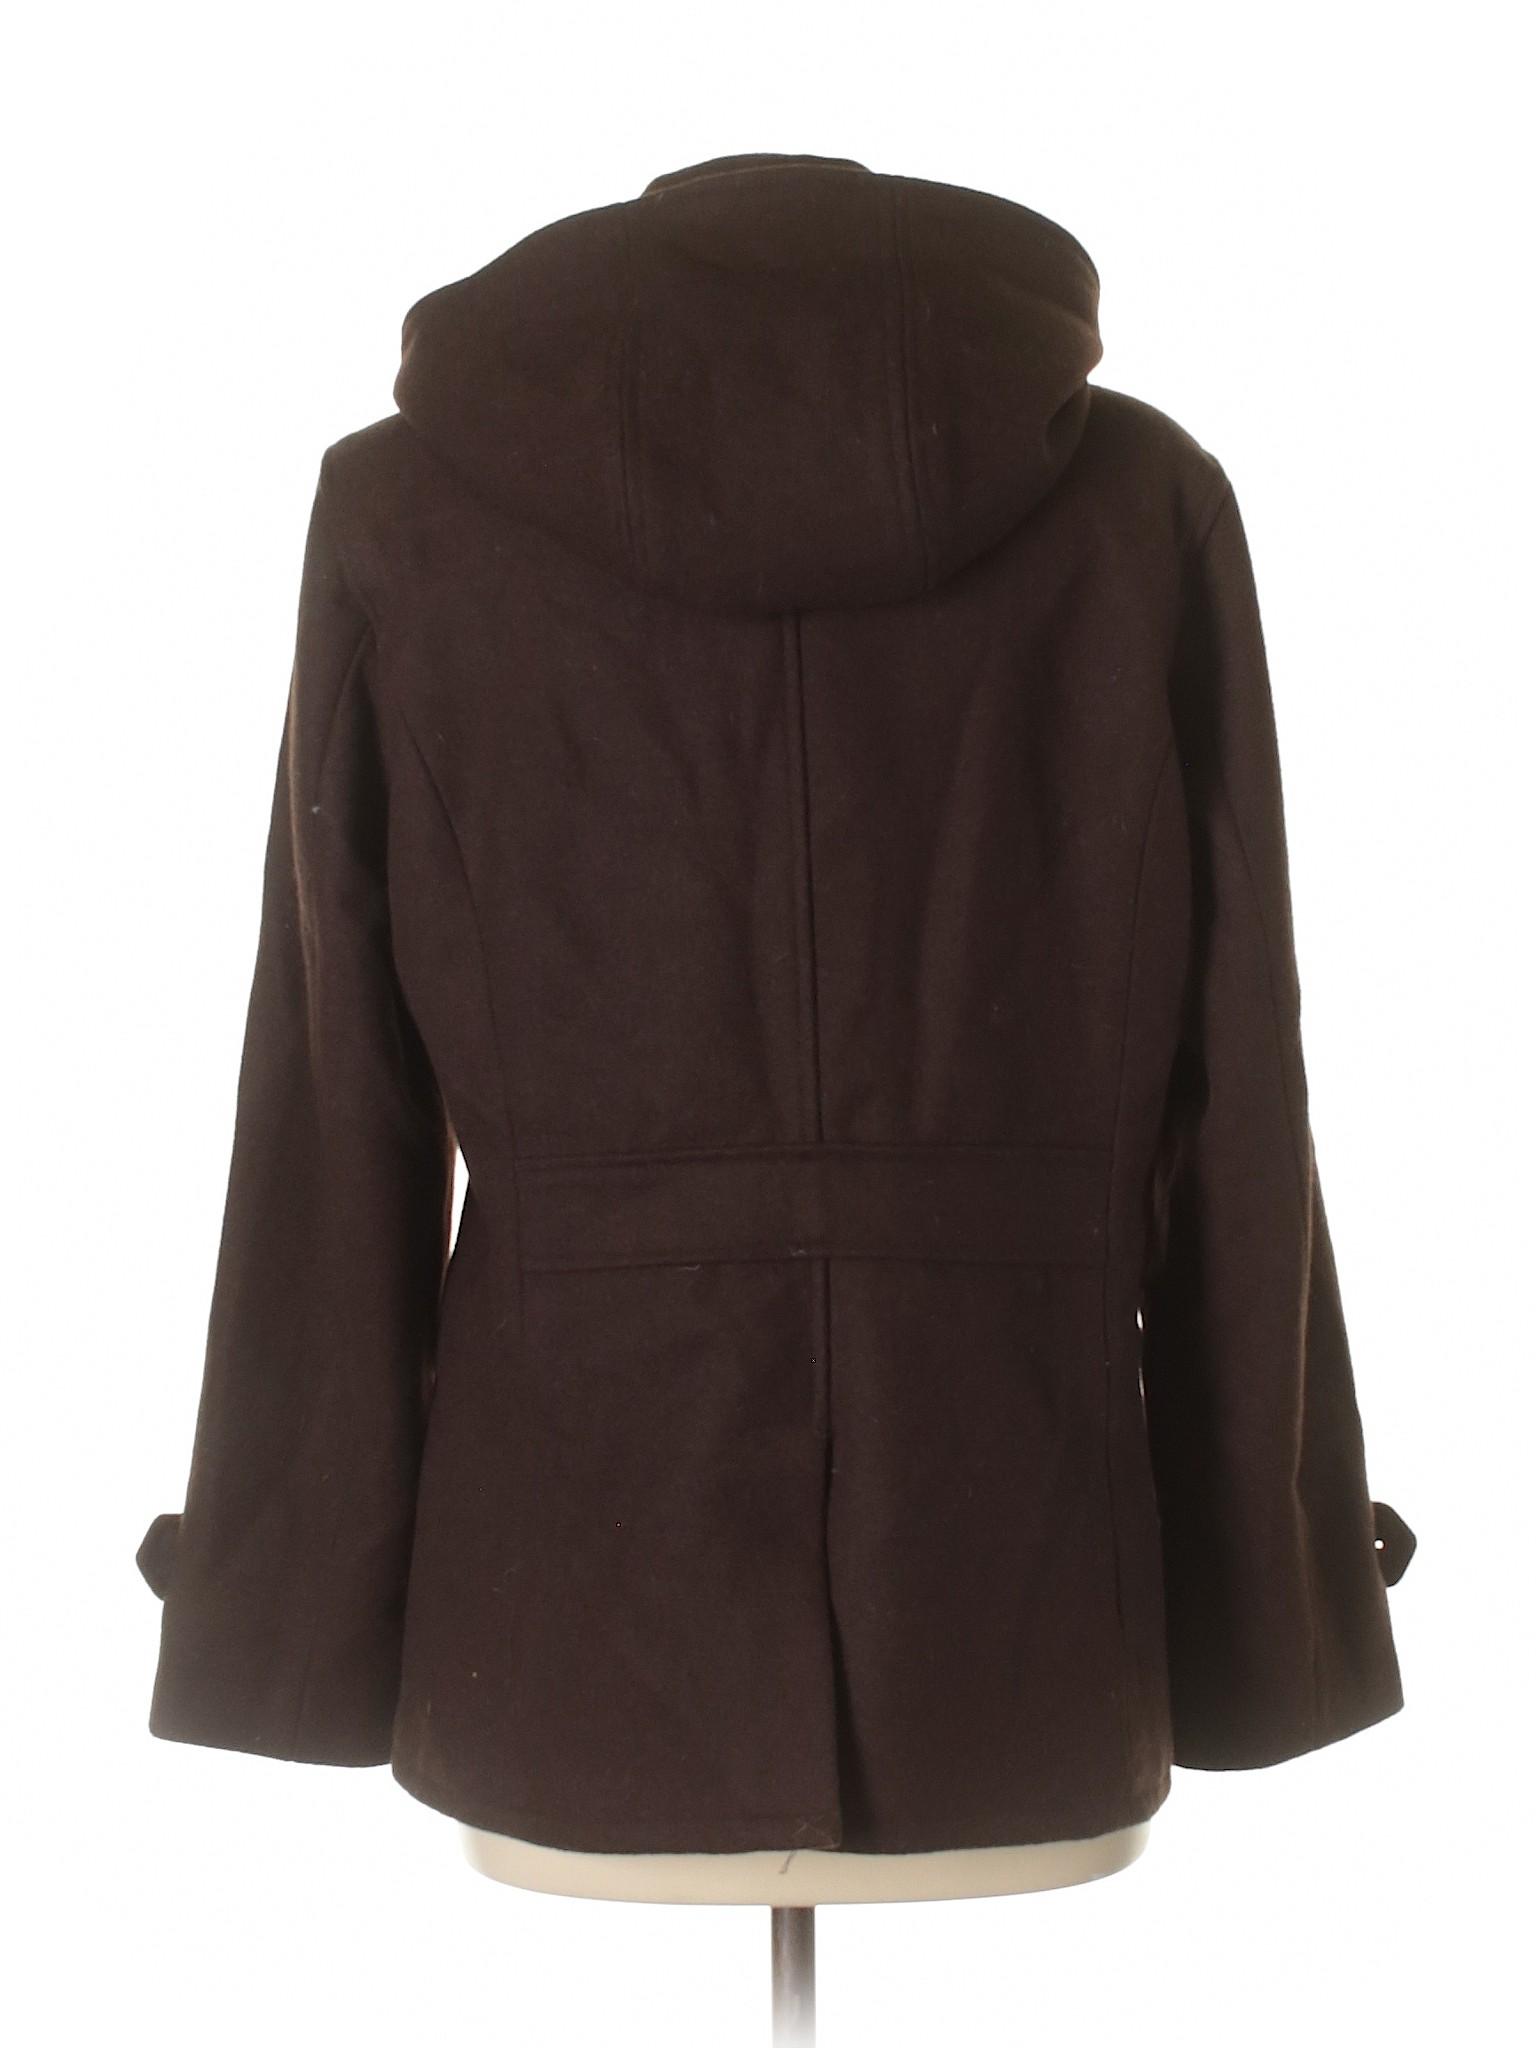 Wool Coat Winter New York Boutique Classics ZIwqYHUIR